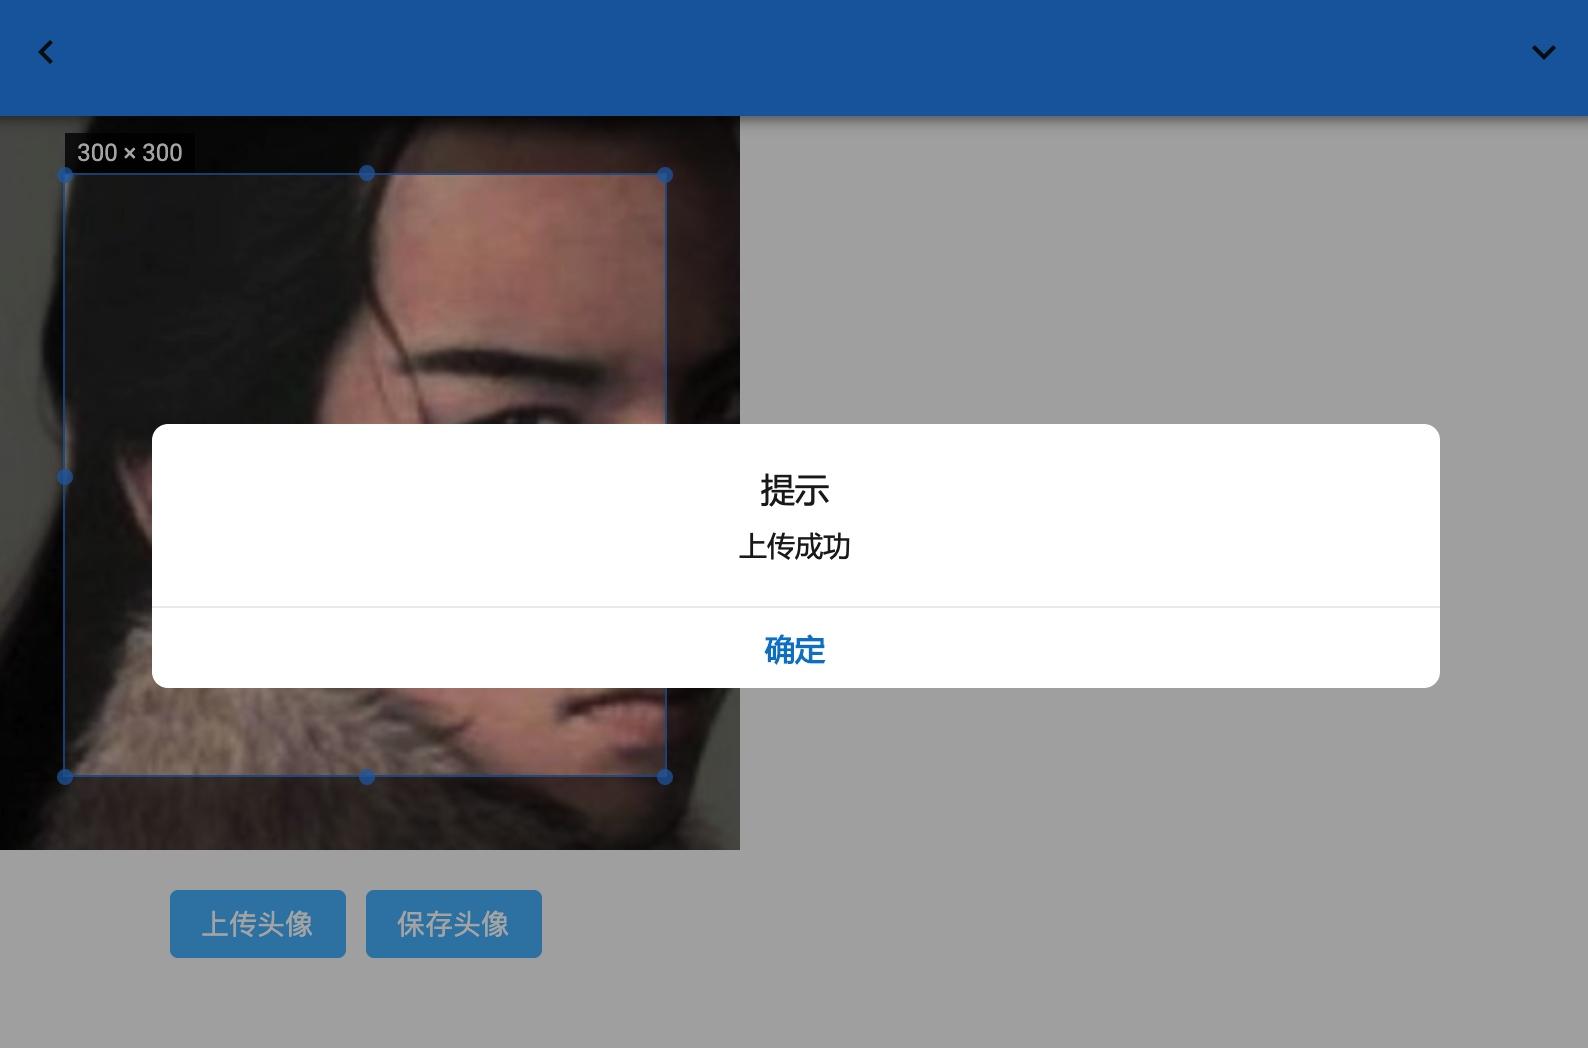 测试用户头像上传功能